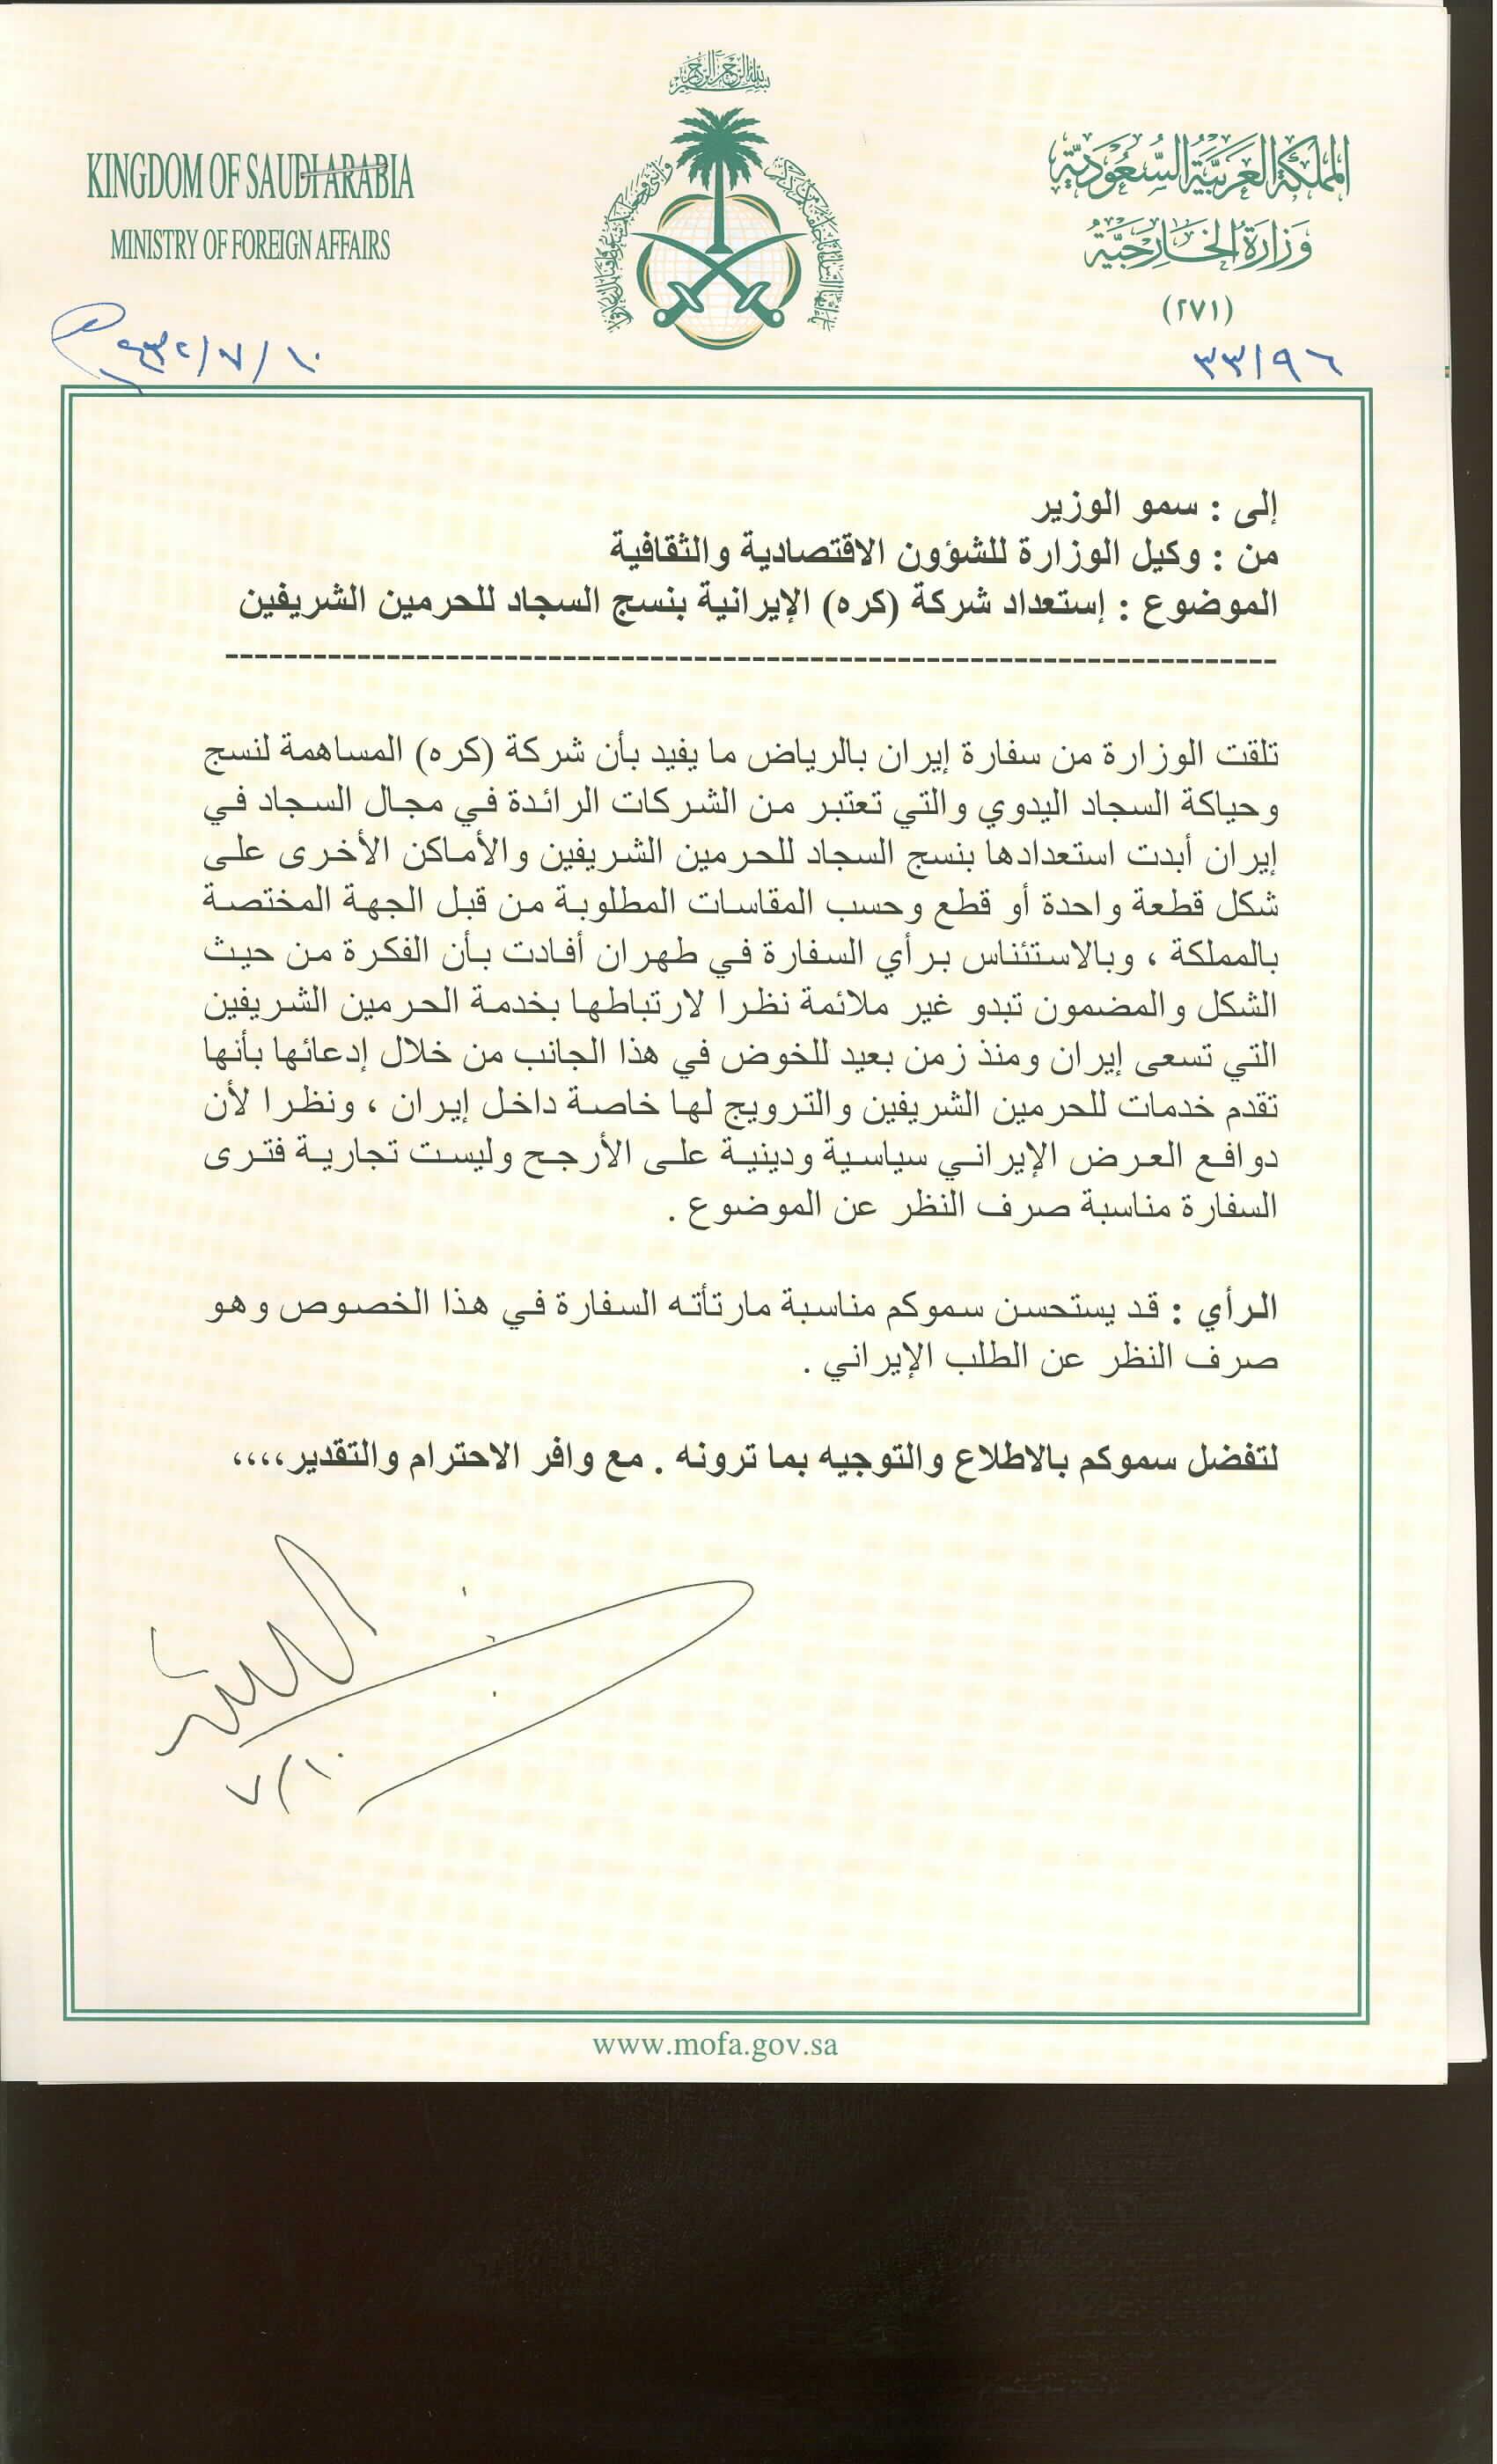 عربستان پیشنهاد ایران را برای تامین فرشهای حرمین شریفین رد کرد